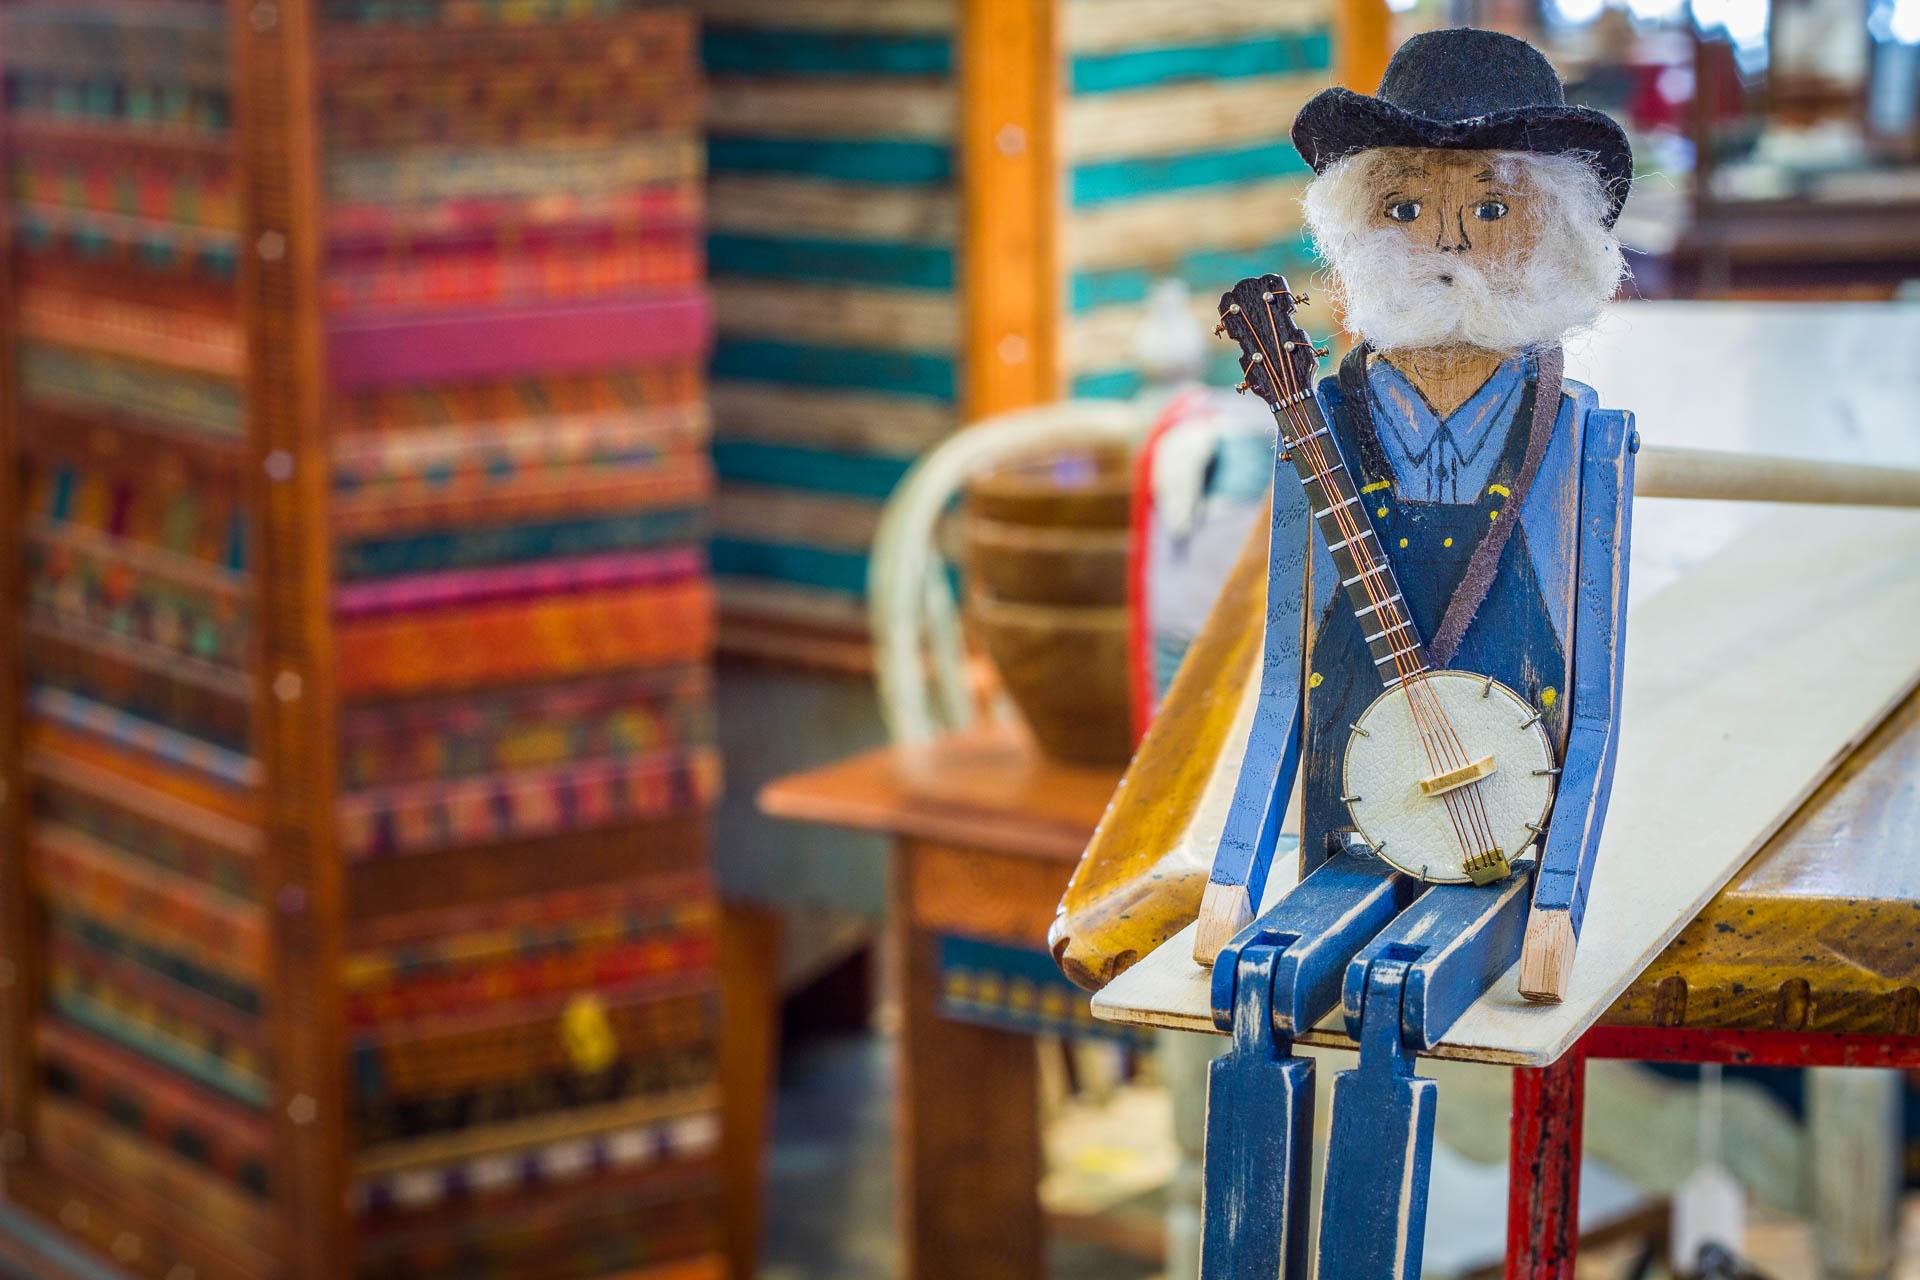 Banjo Man Limberjack by Linda Ewing